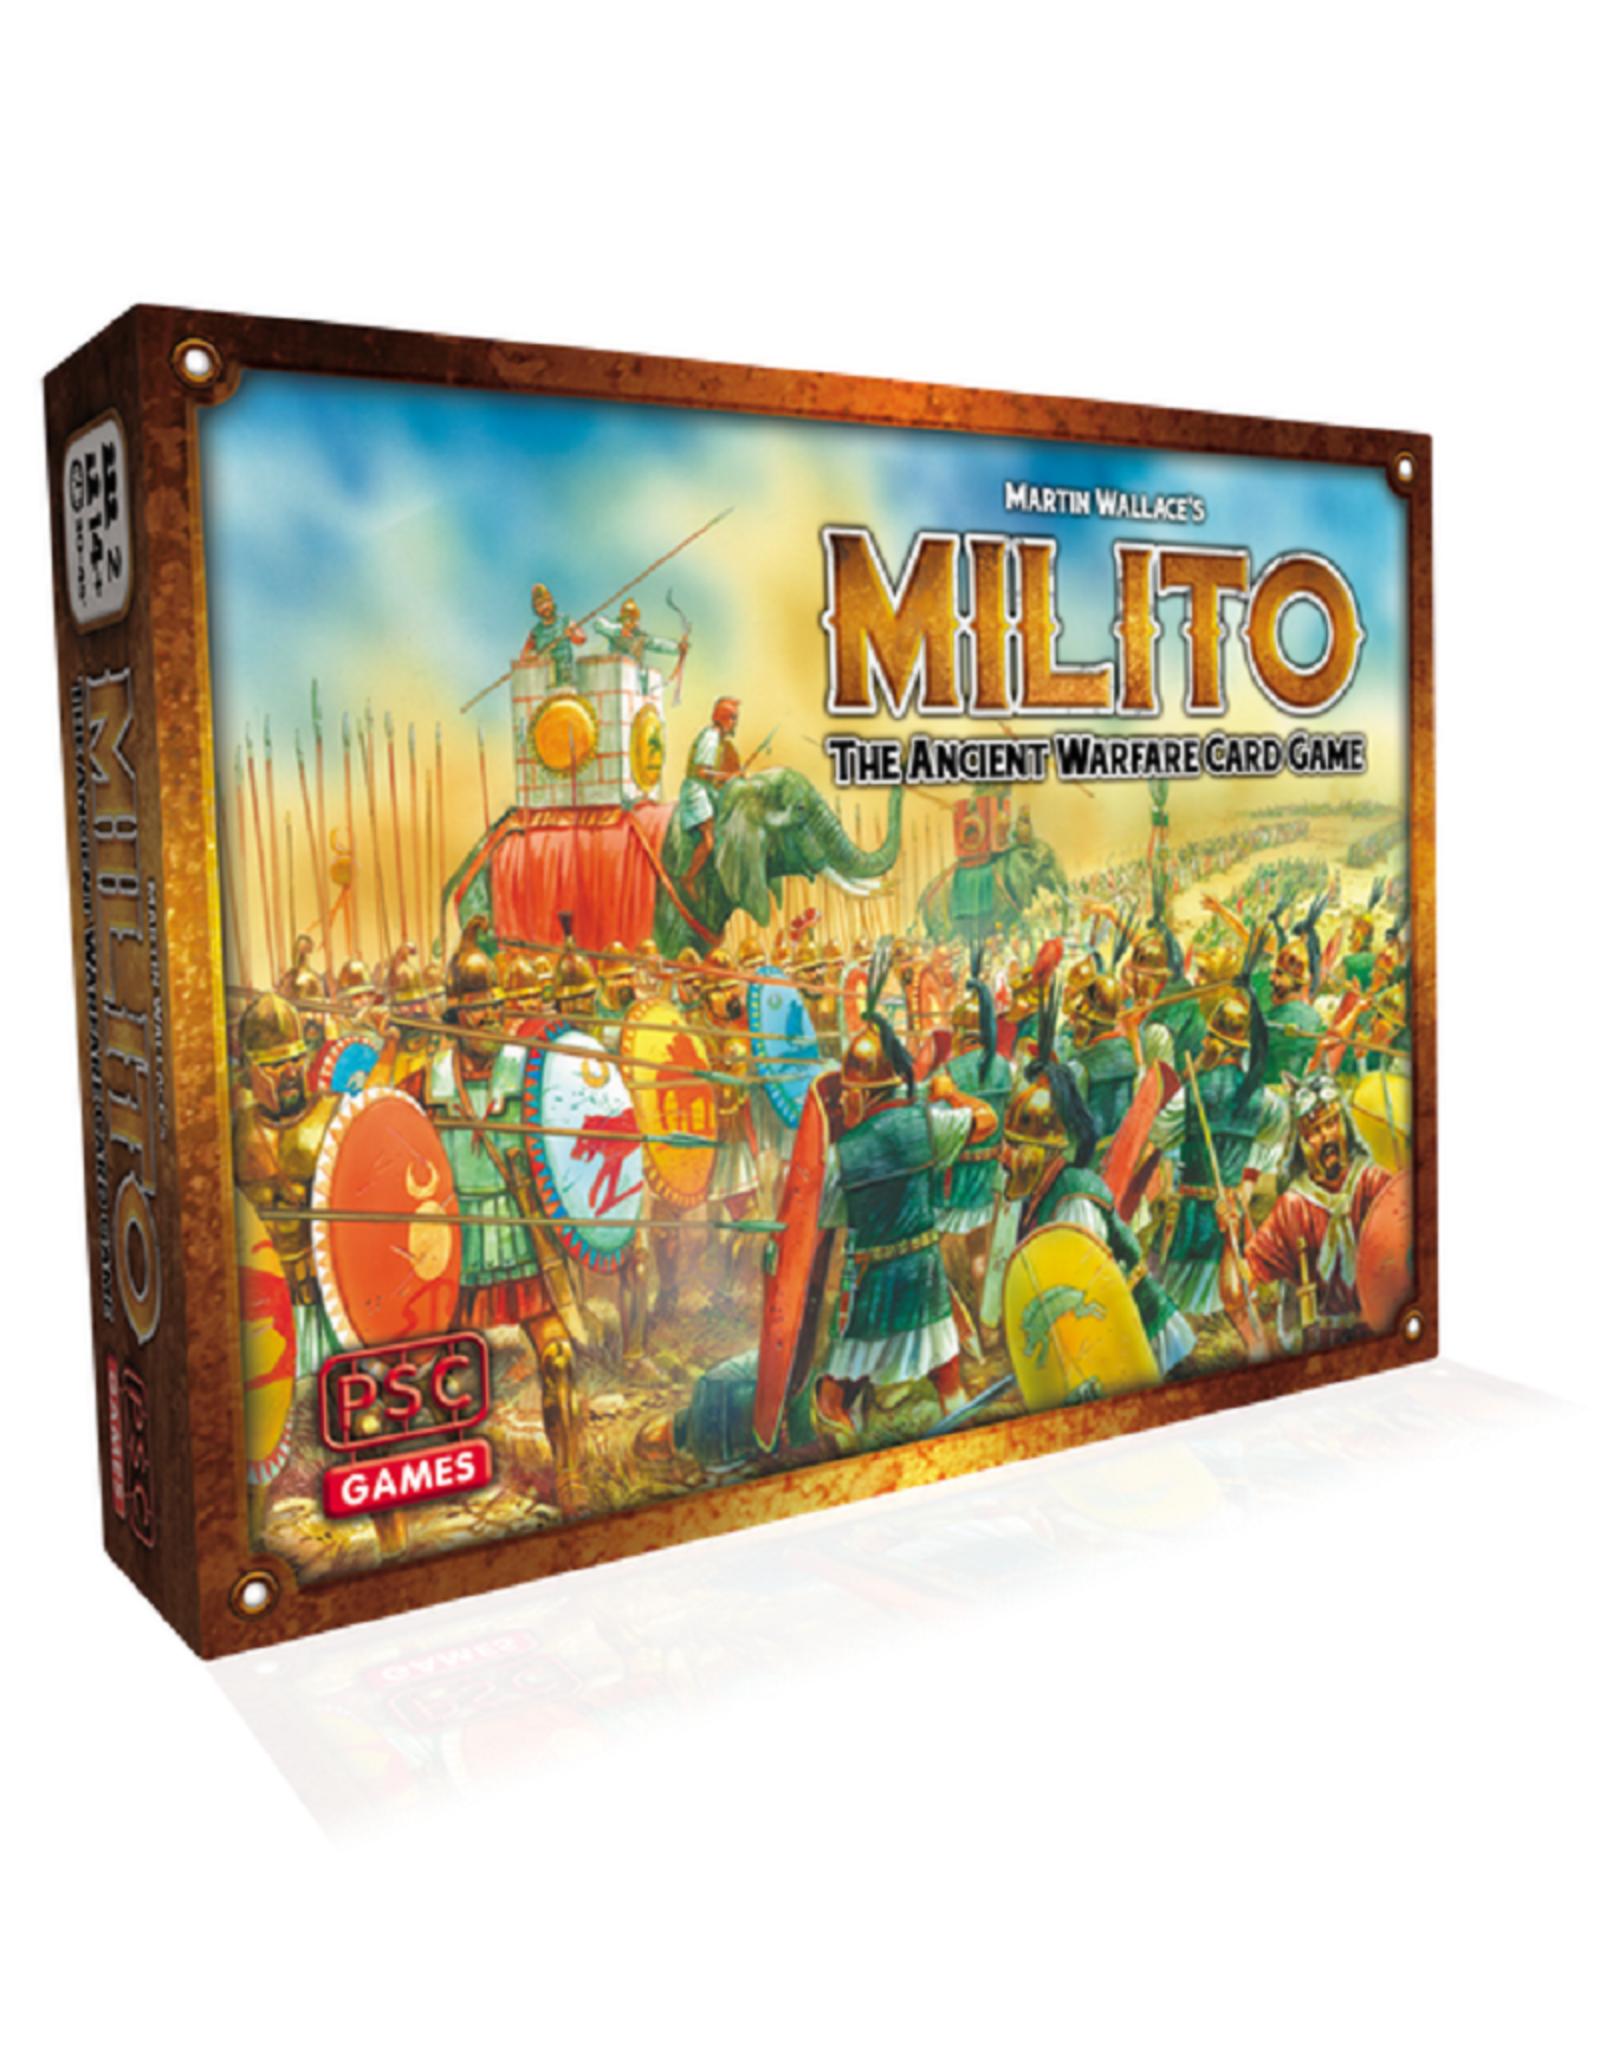 Plastic Soldier Company Milito game